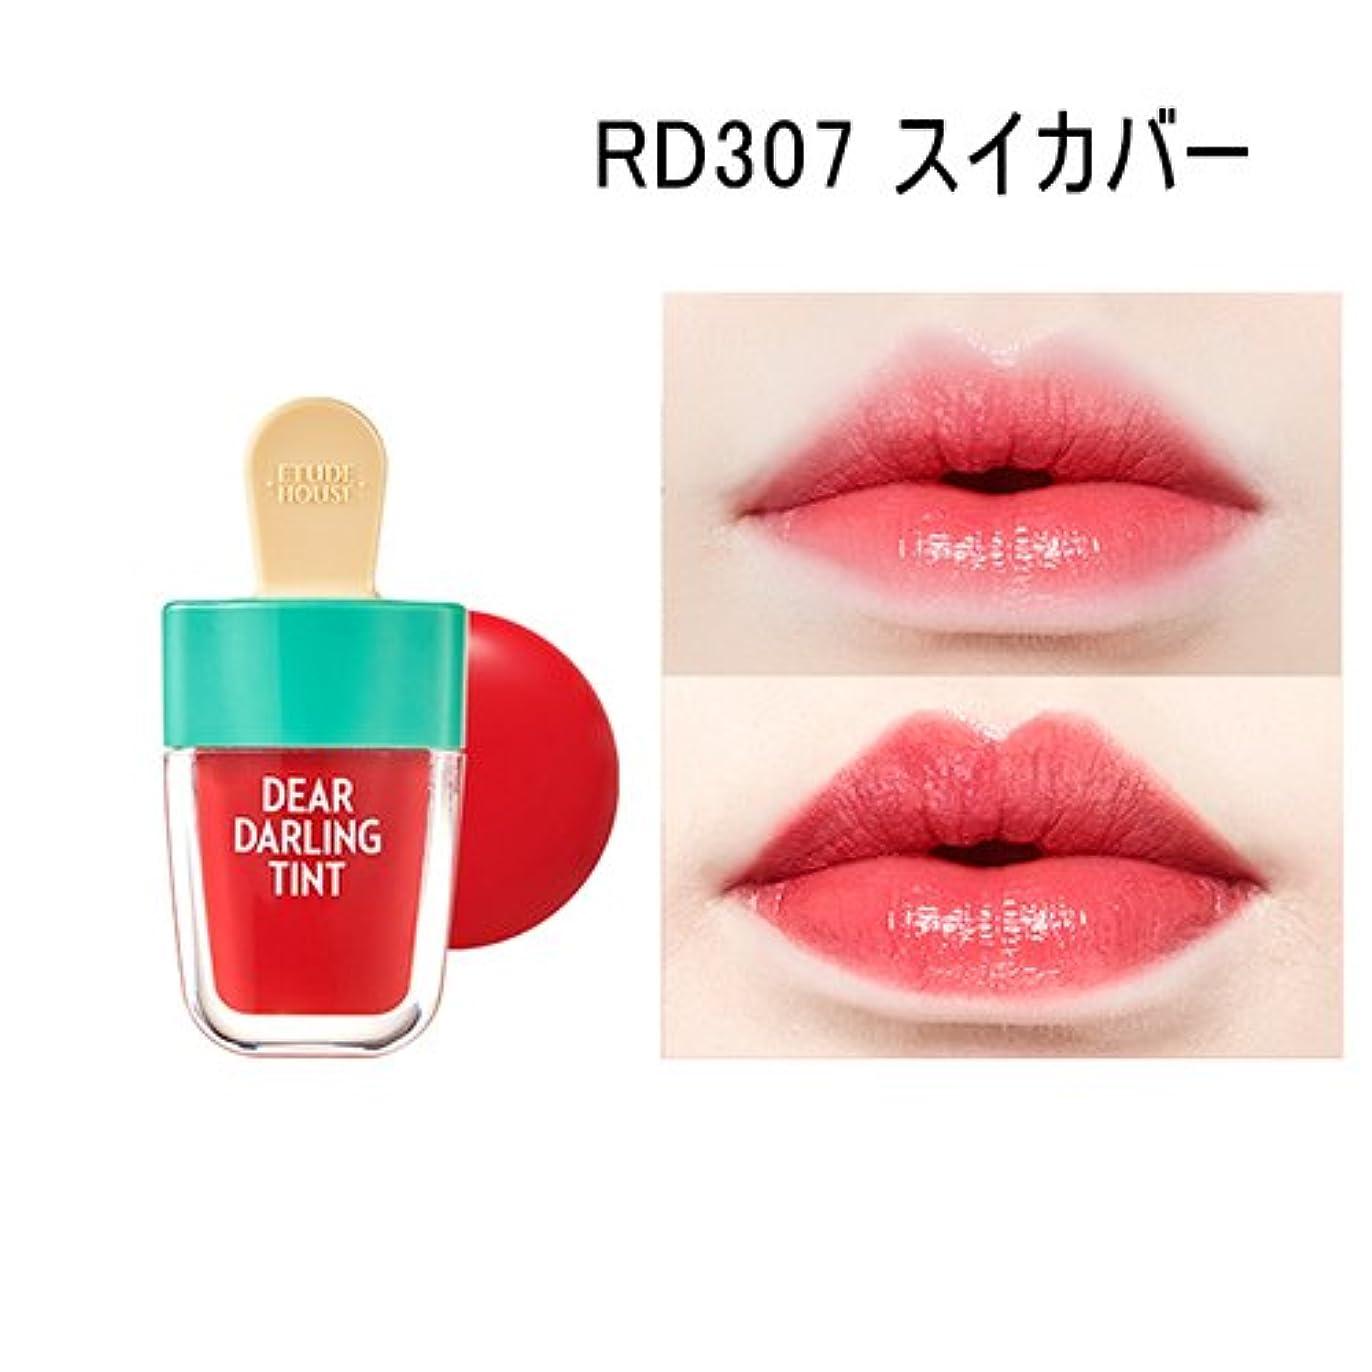 ワインプライバシー再生的Etude House(エチュードハウス) [夏限定]ディアー ダーリン ウォータージェル ティント/Dear Darling Water Gel Tint(4.5g) (RD307(スイカレッド)) [並行輸入品]